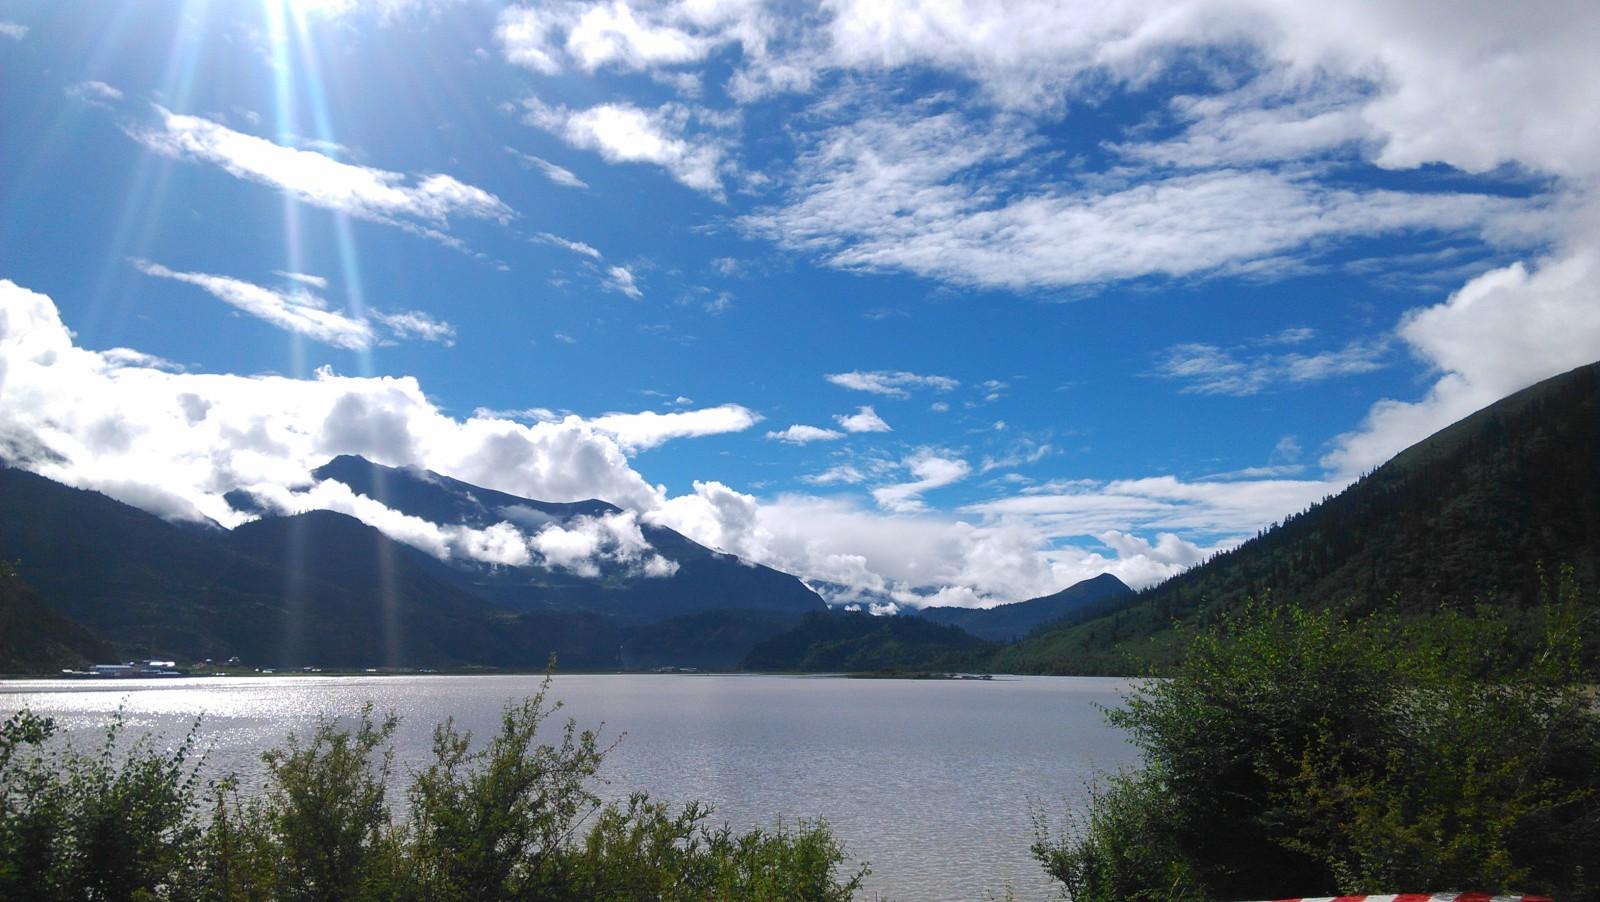 依山伴水,美丽然乌湖